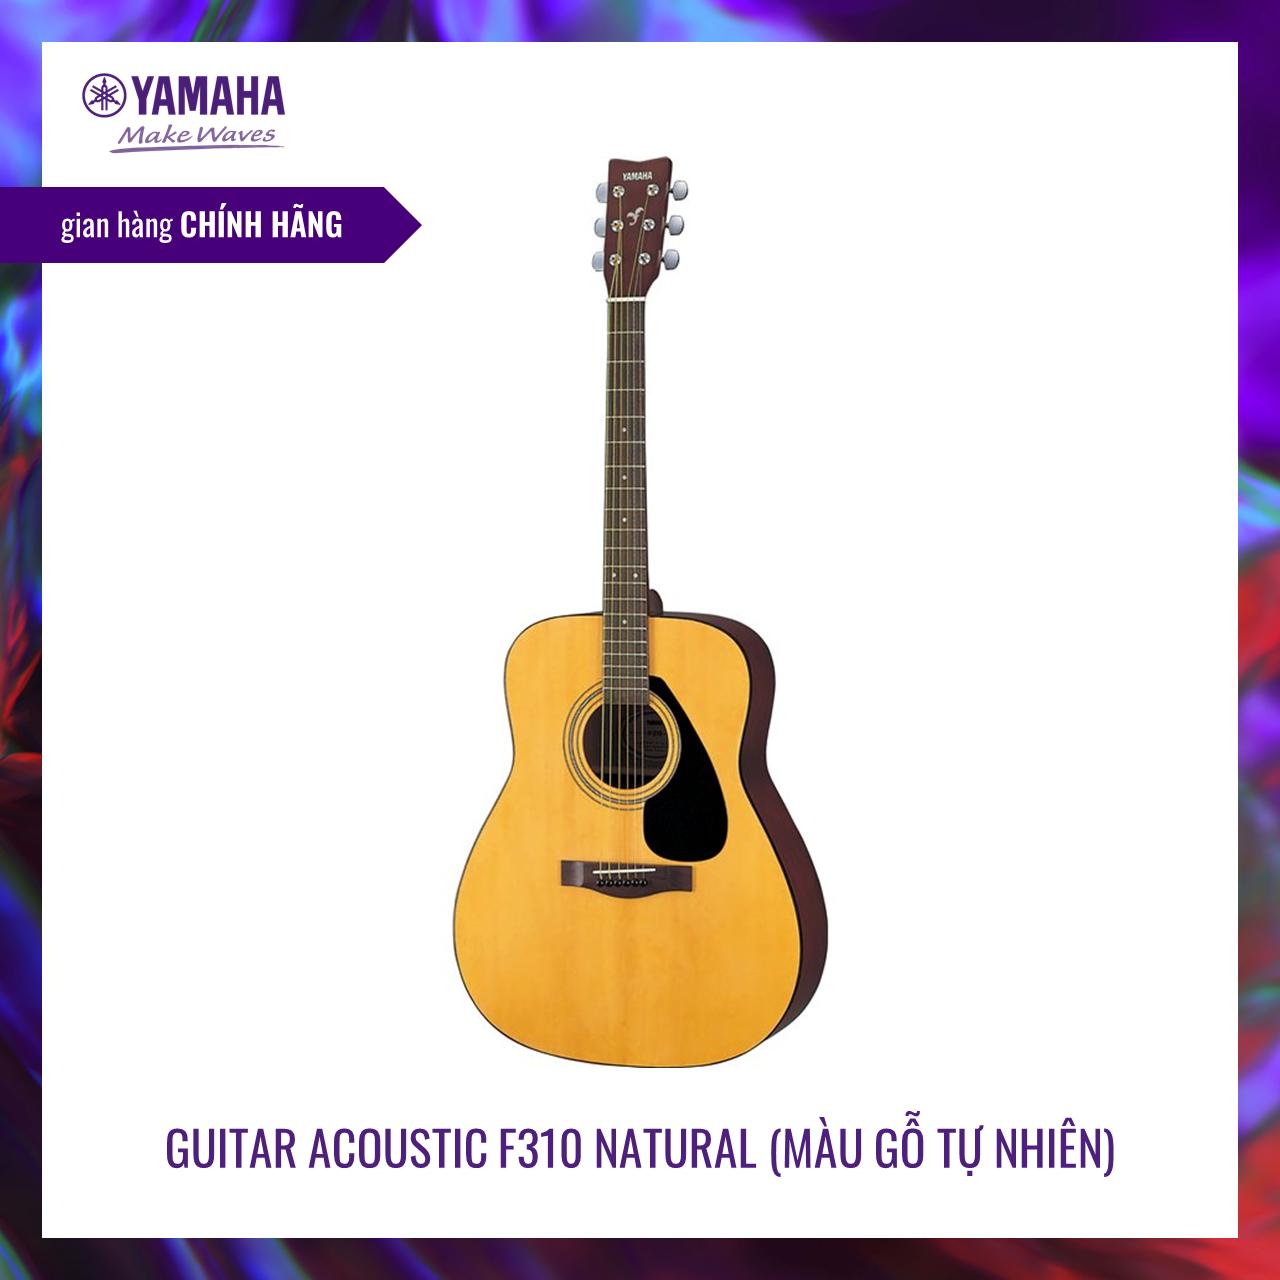 Đàn guitar classic Yamaha F310 – Thân đàn kiểu phương Tây truyền thống – Mặt đàn gỗ vân sam (spruce) xuất xứ từ Bắc Mỹ – Chất lượng Yamaha với giá cả phải chăng – Bảo hành chính hãng 1 năm